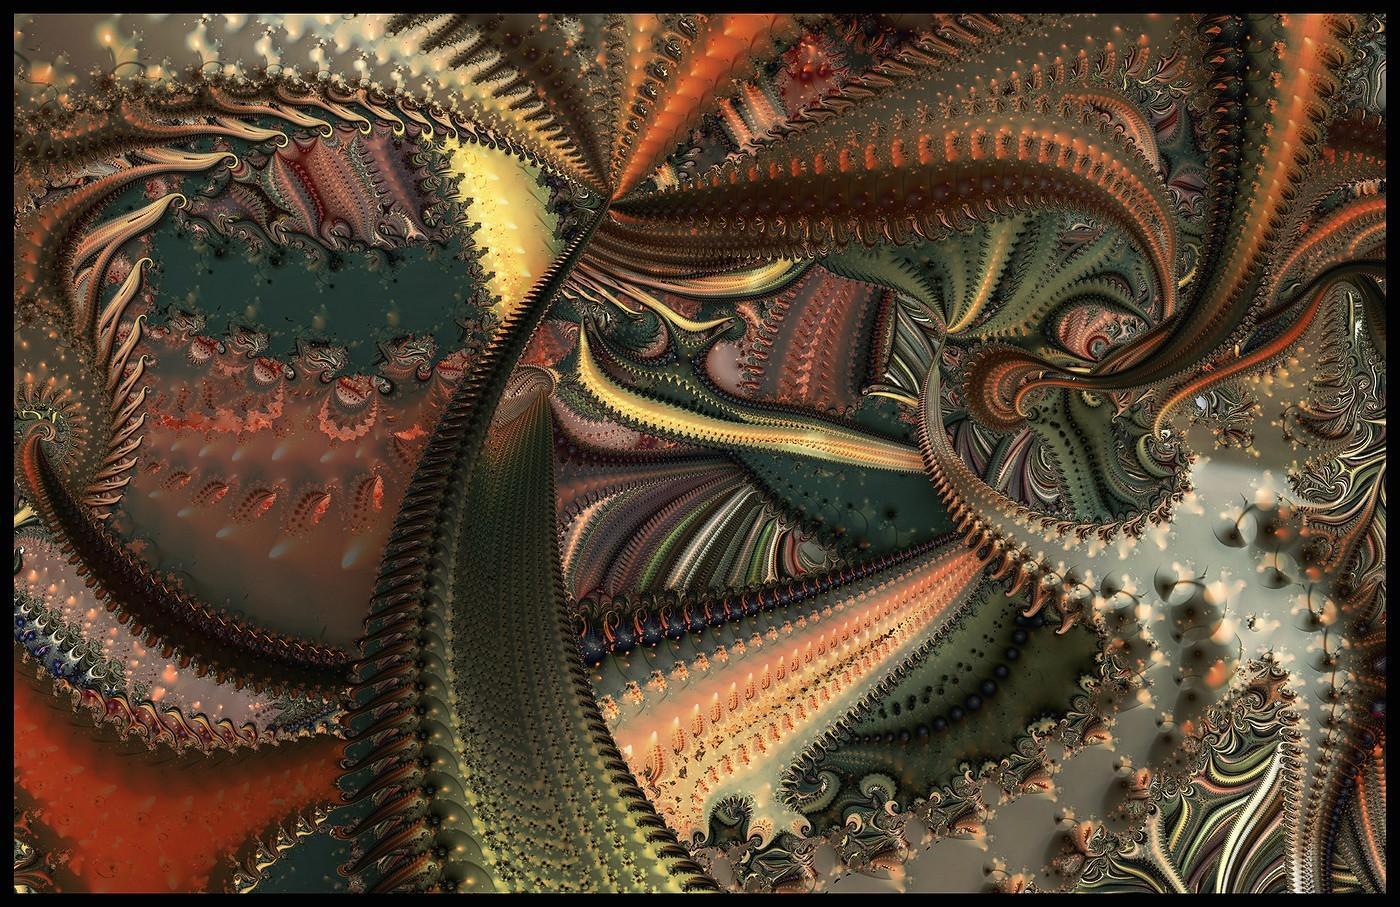 Fractal Image 103011x7v